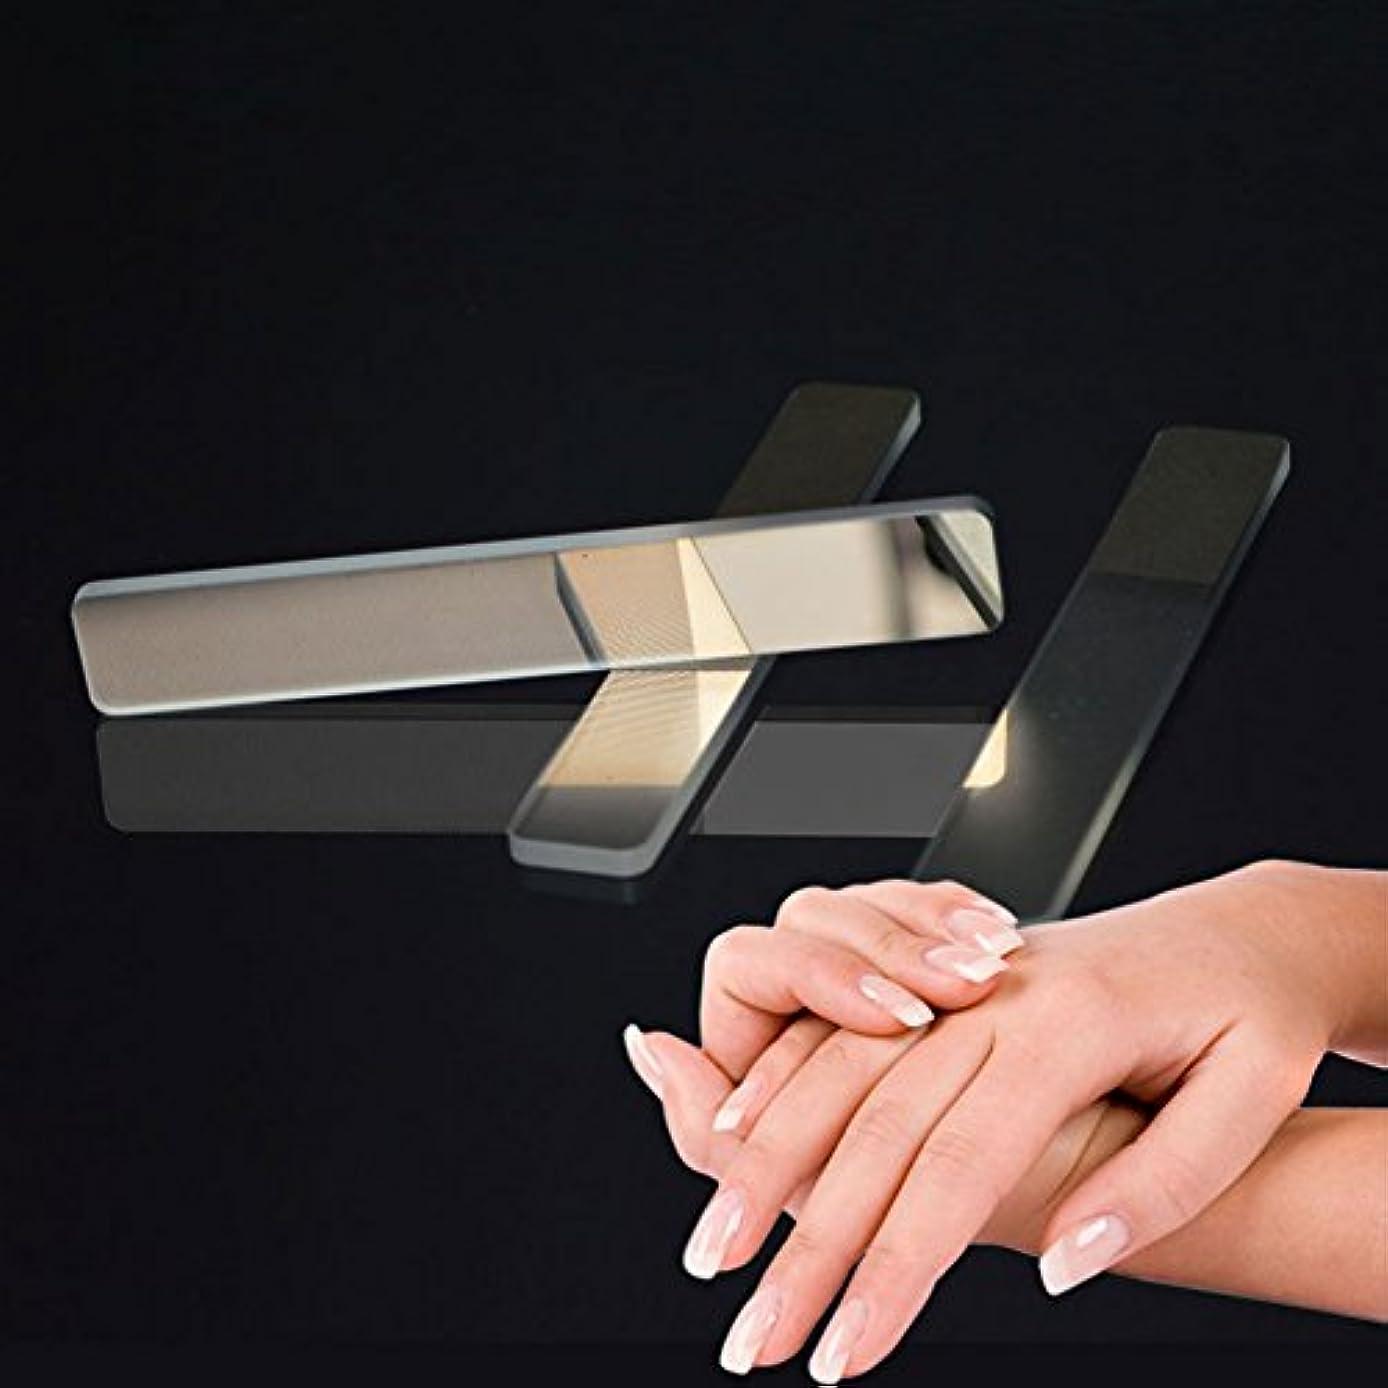 爪やすり WUUDI 爪磨き ガラス爪ヤスリ ネイルファイル ネイルシャイナー つめケア ガラス製 ネイルケア 甘皮処理 (白)